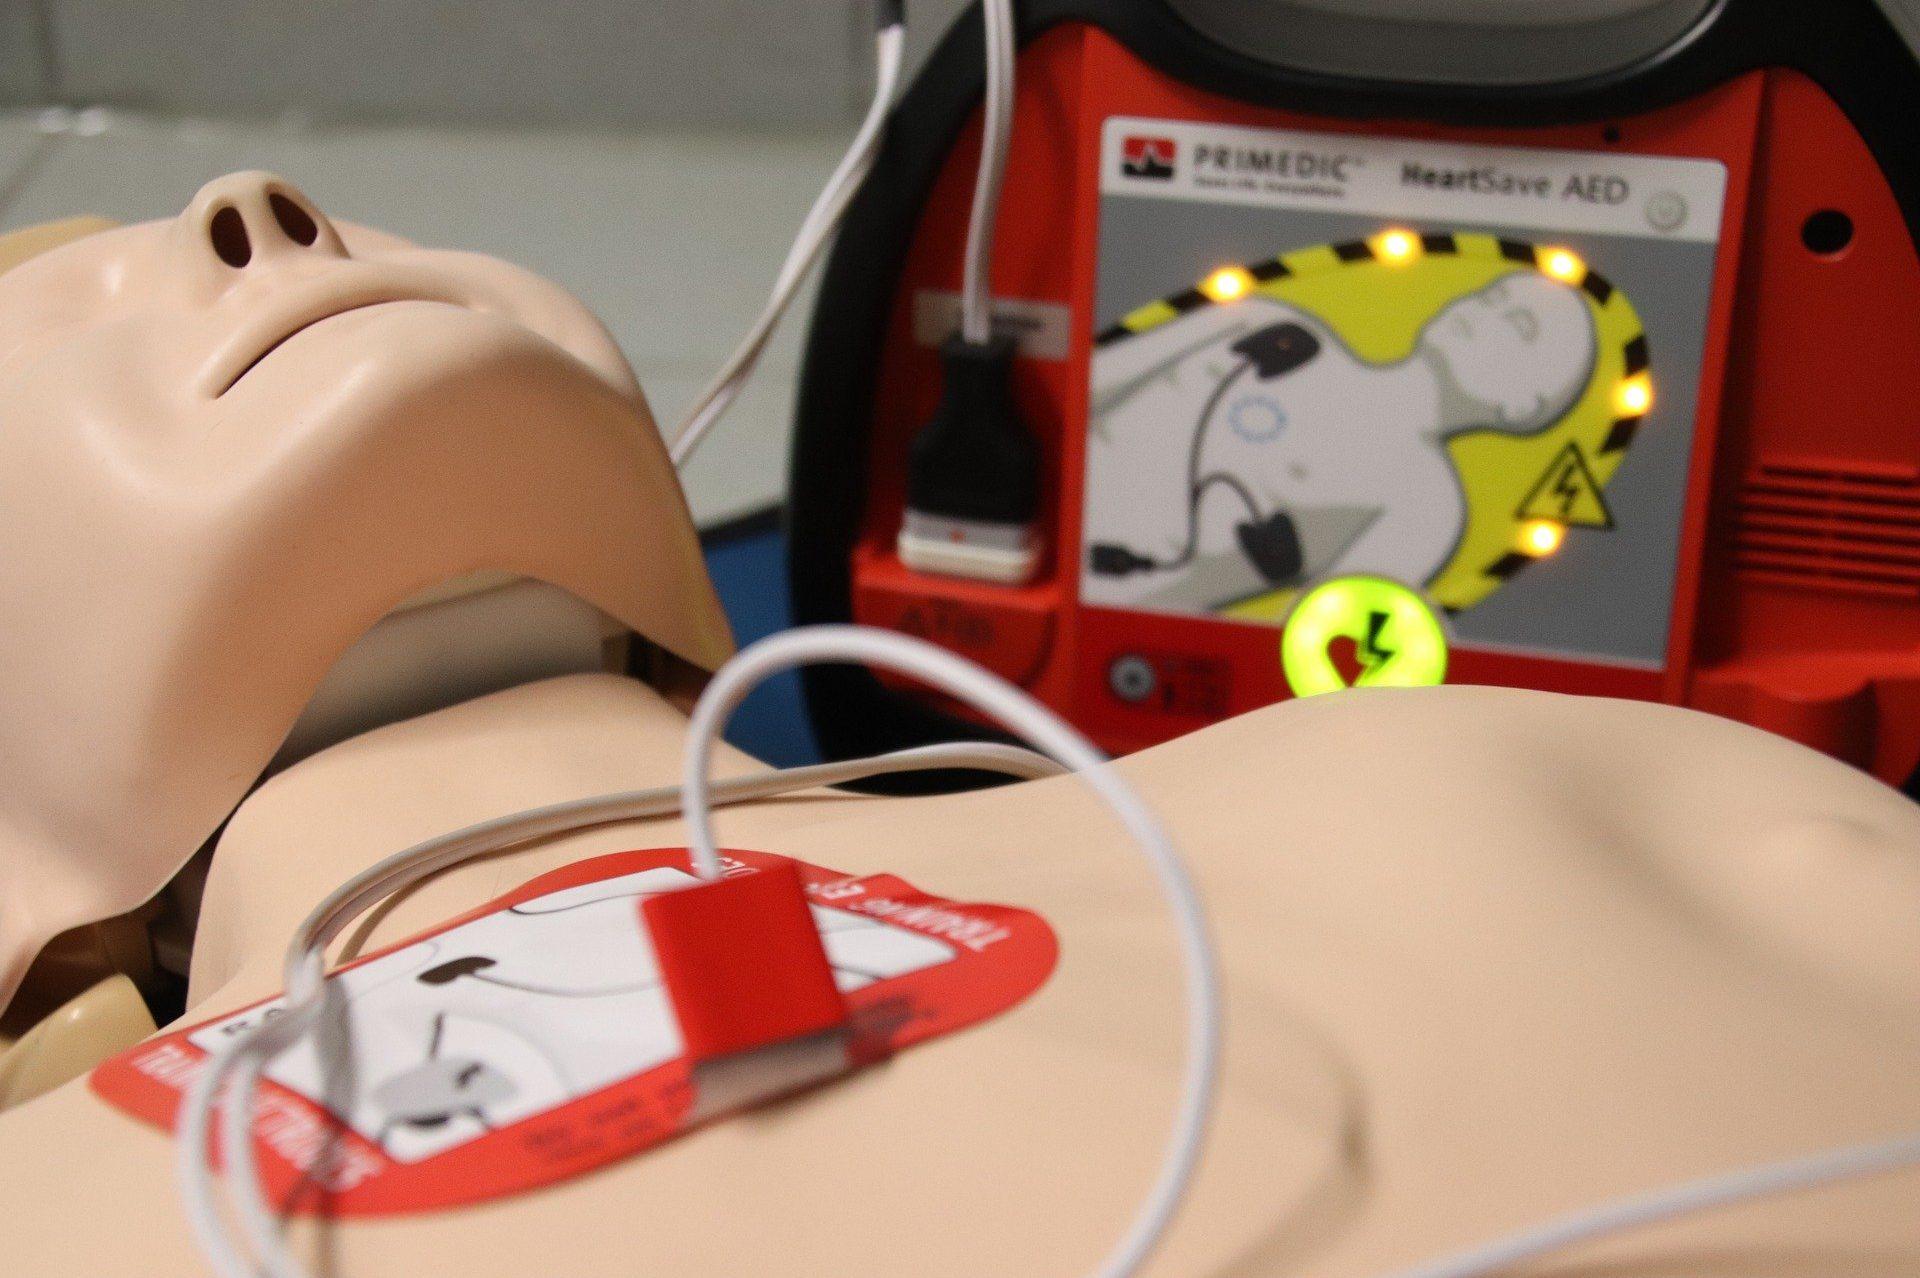 Advanced First Aid Skill Set